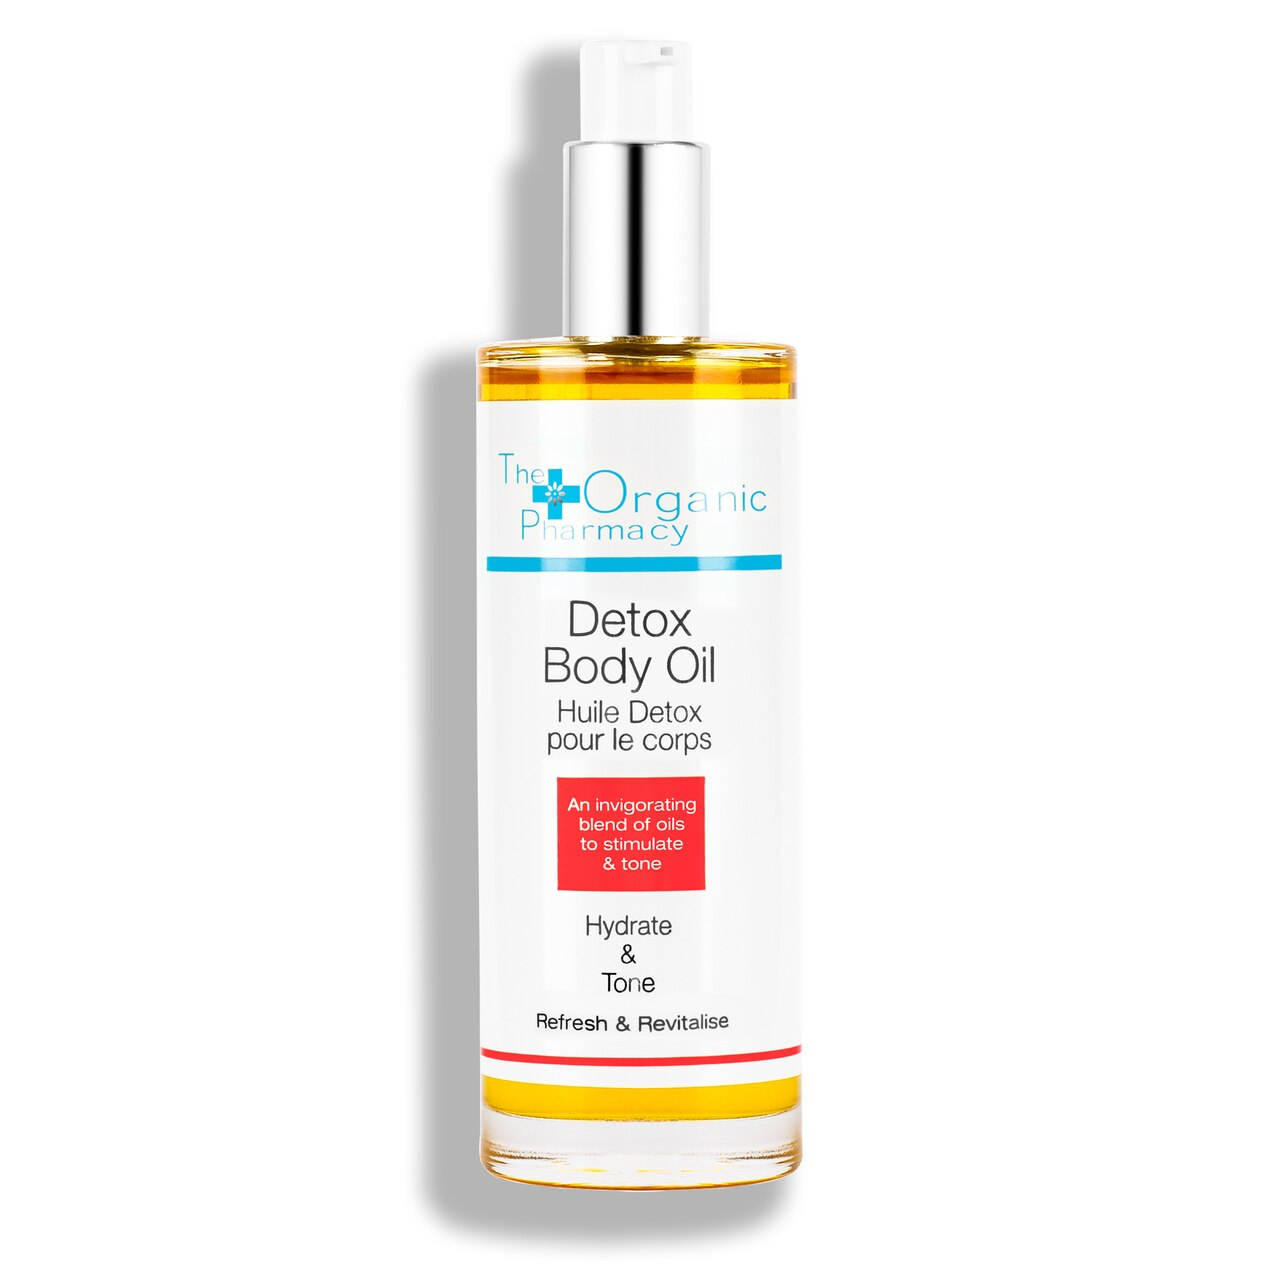 Detox Body Oil